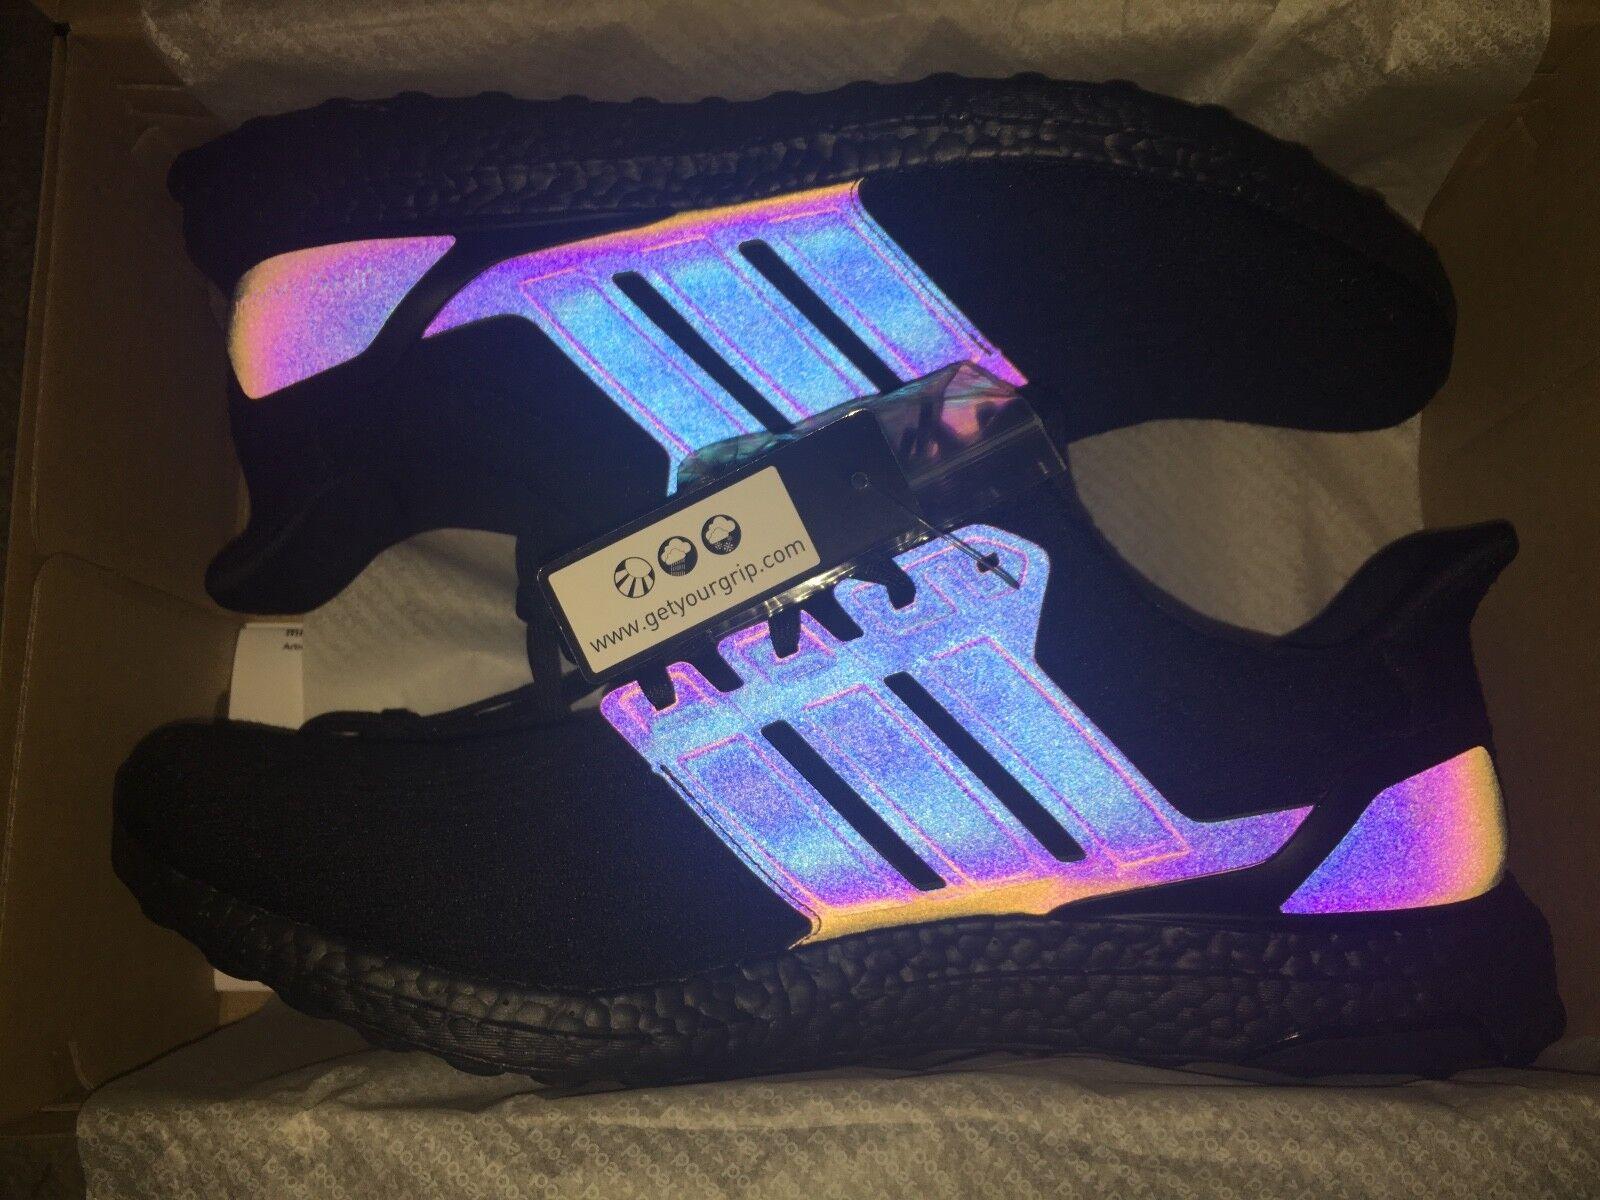 MI Adidas Nero Ultra Boost Boost Boost Triple XENO-MOLTO RARA-Taglia UK13.5 - Tutto esaurito 3a3f76